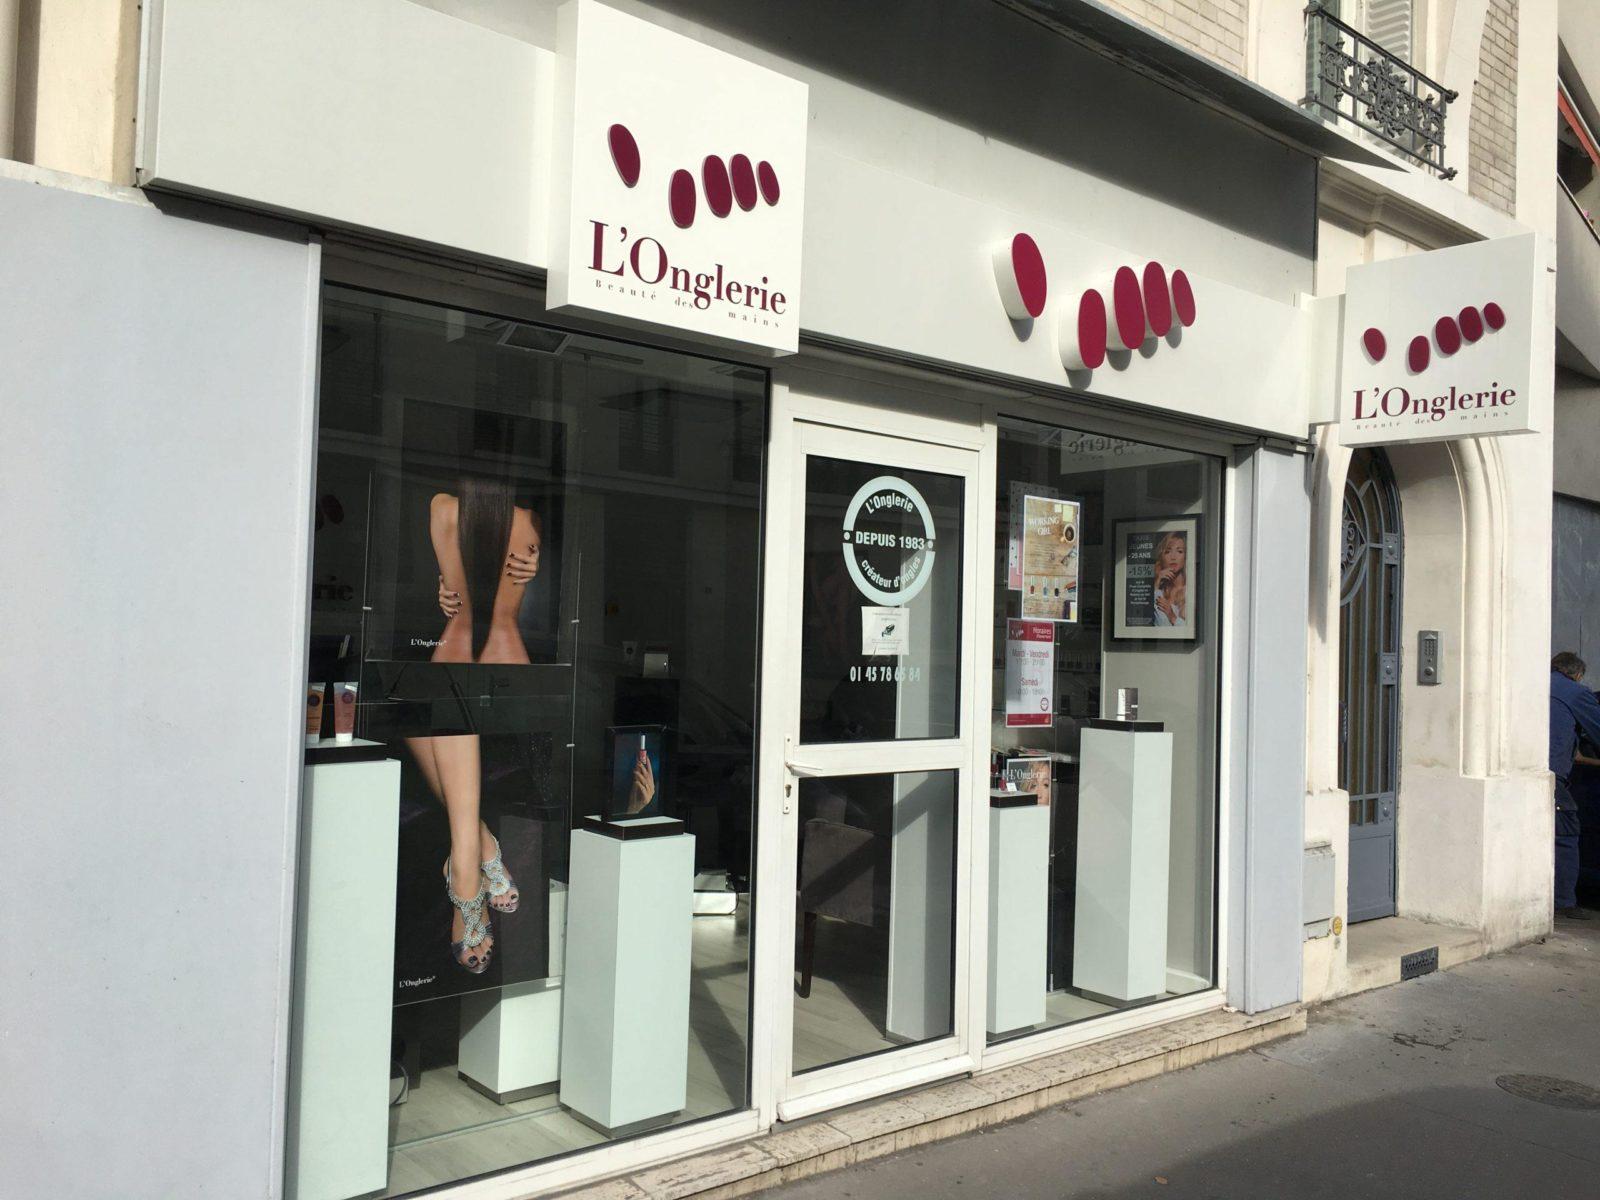 Institut L'Onglerie – Paris Grenelle